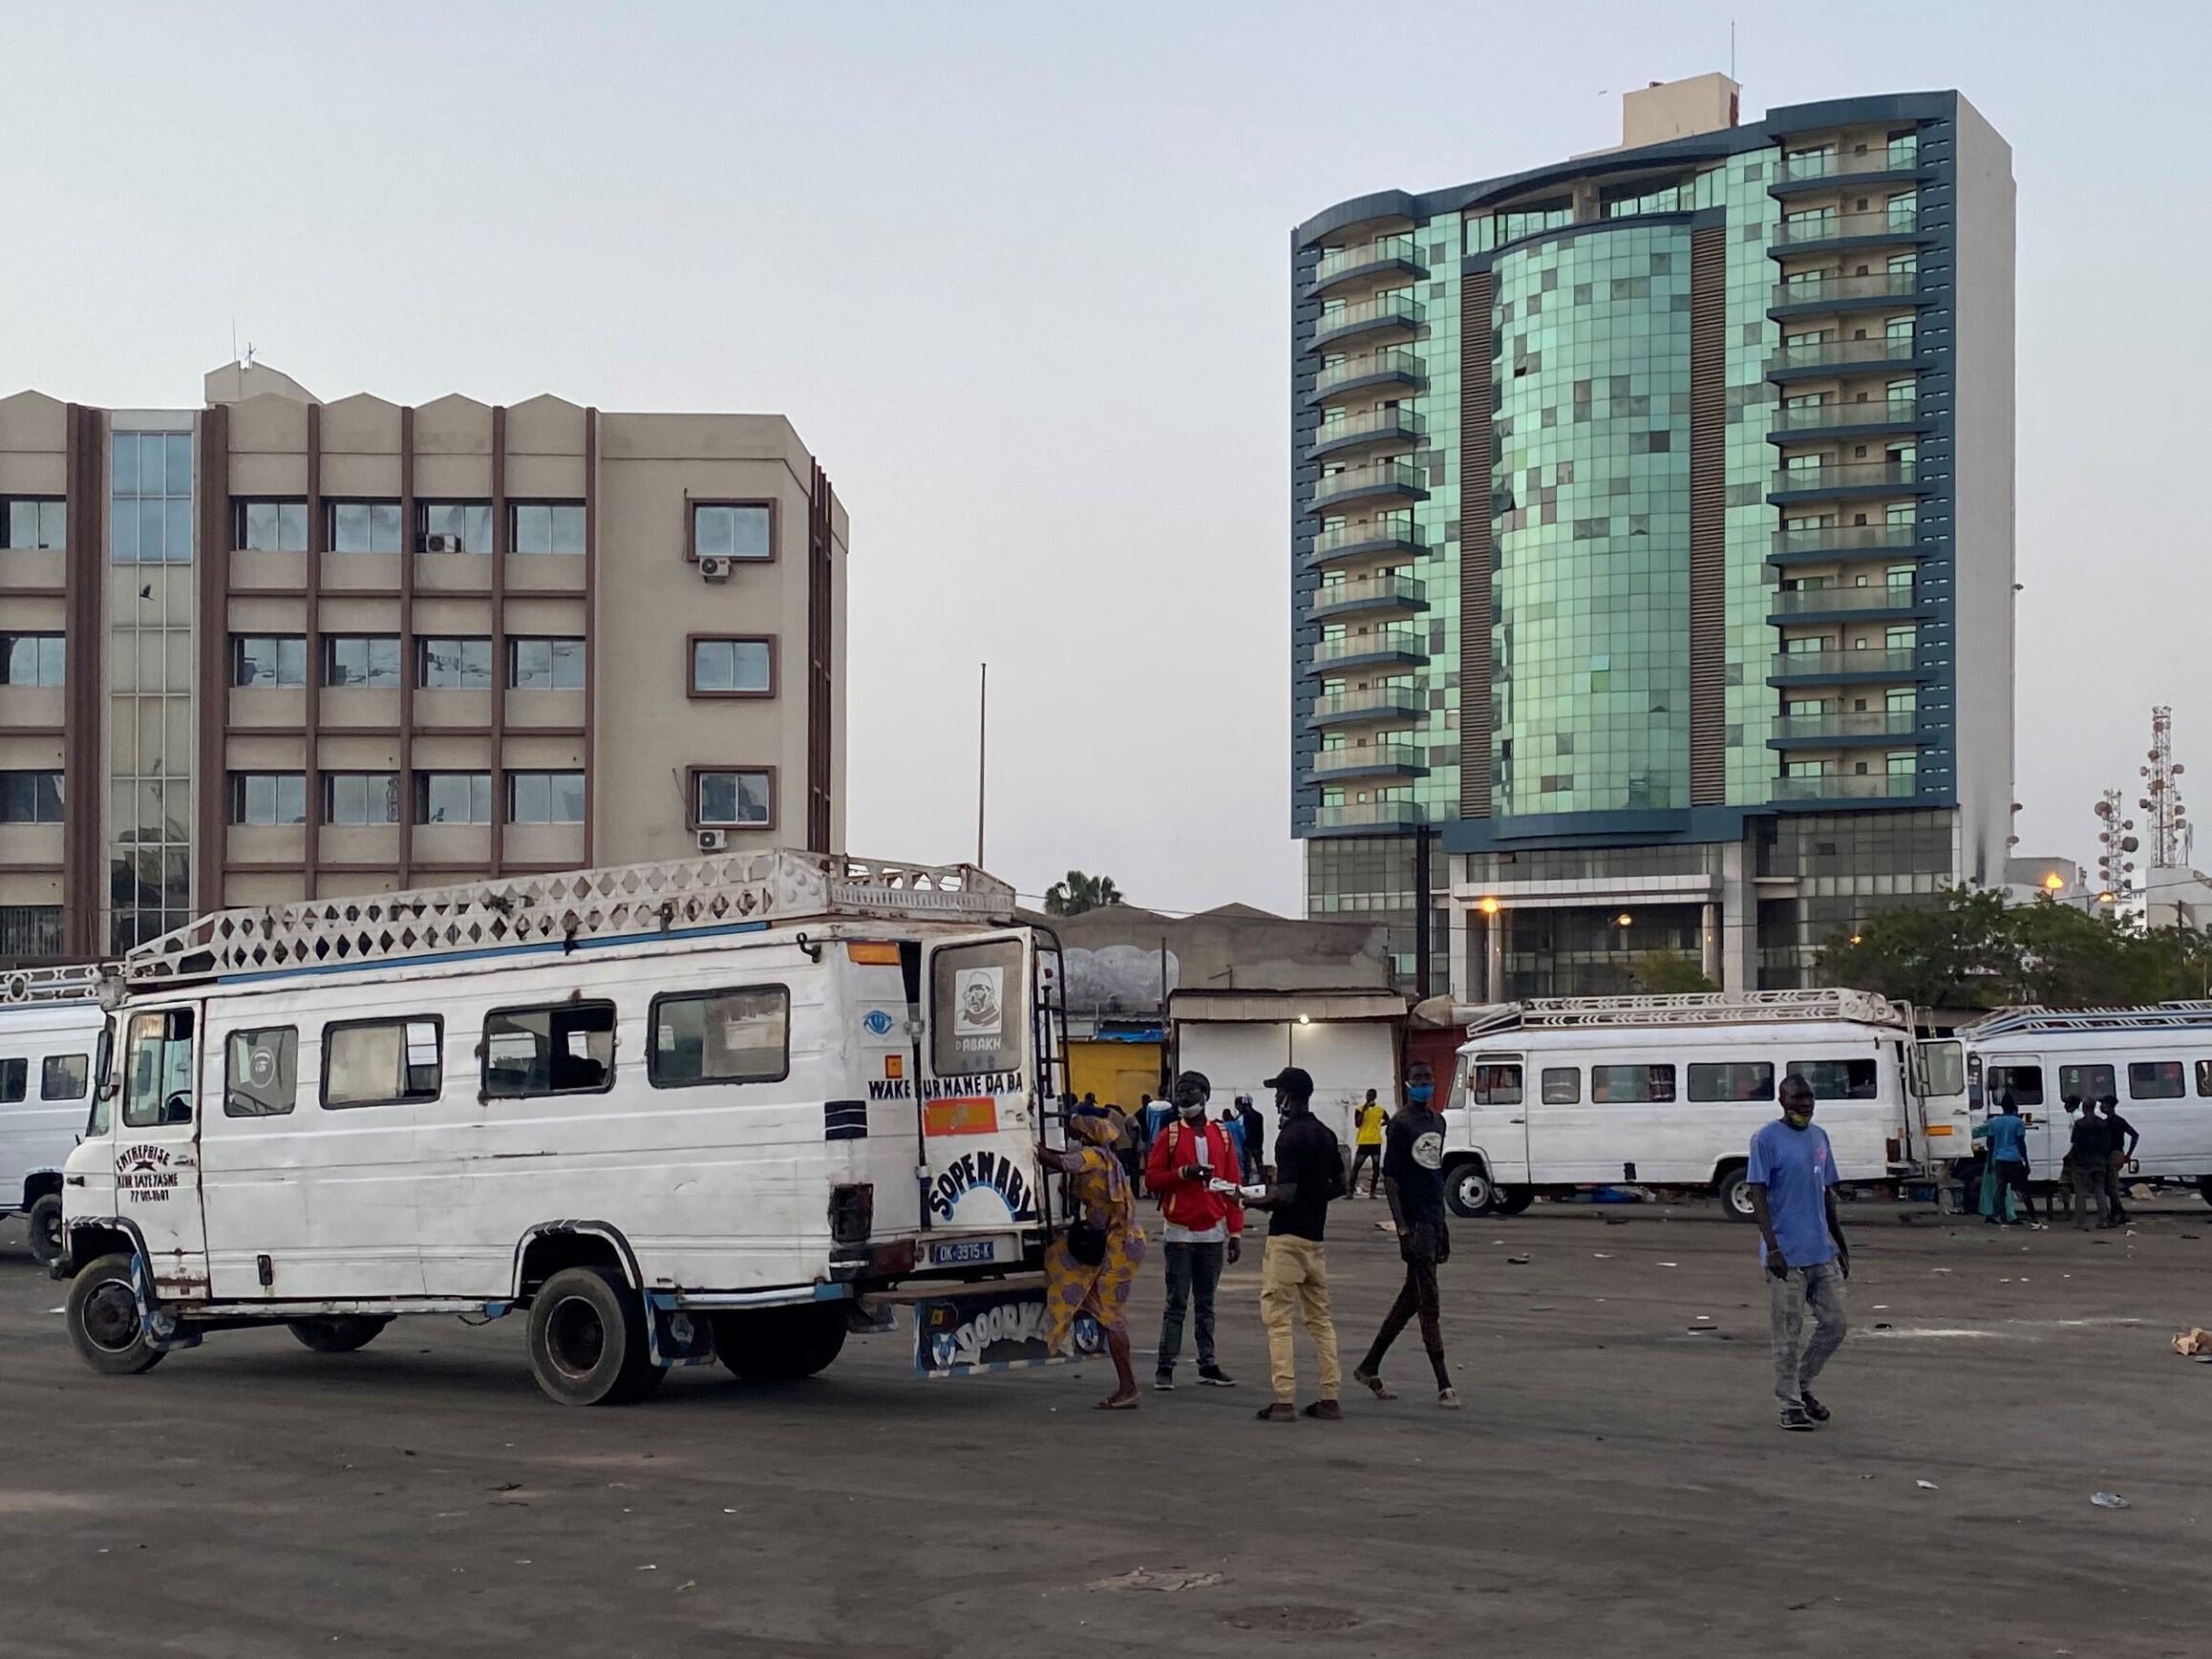 Dans le quartier populaire de la Médina, les derniers cars rapides partent pour la banlieue avant le début du couvre feu.